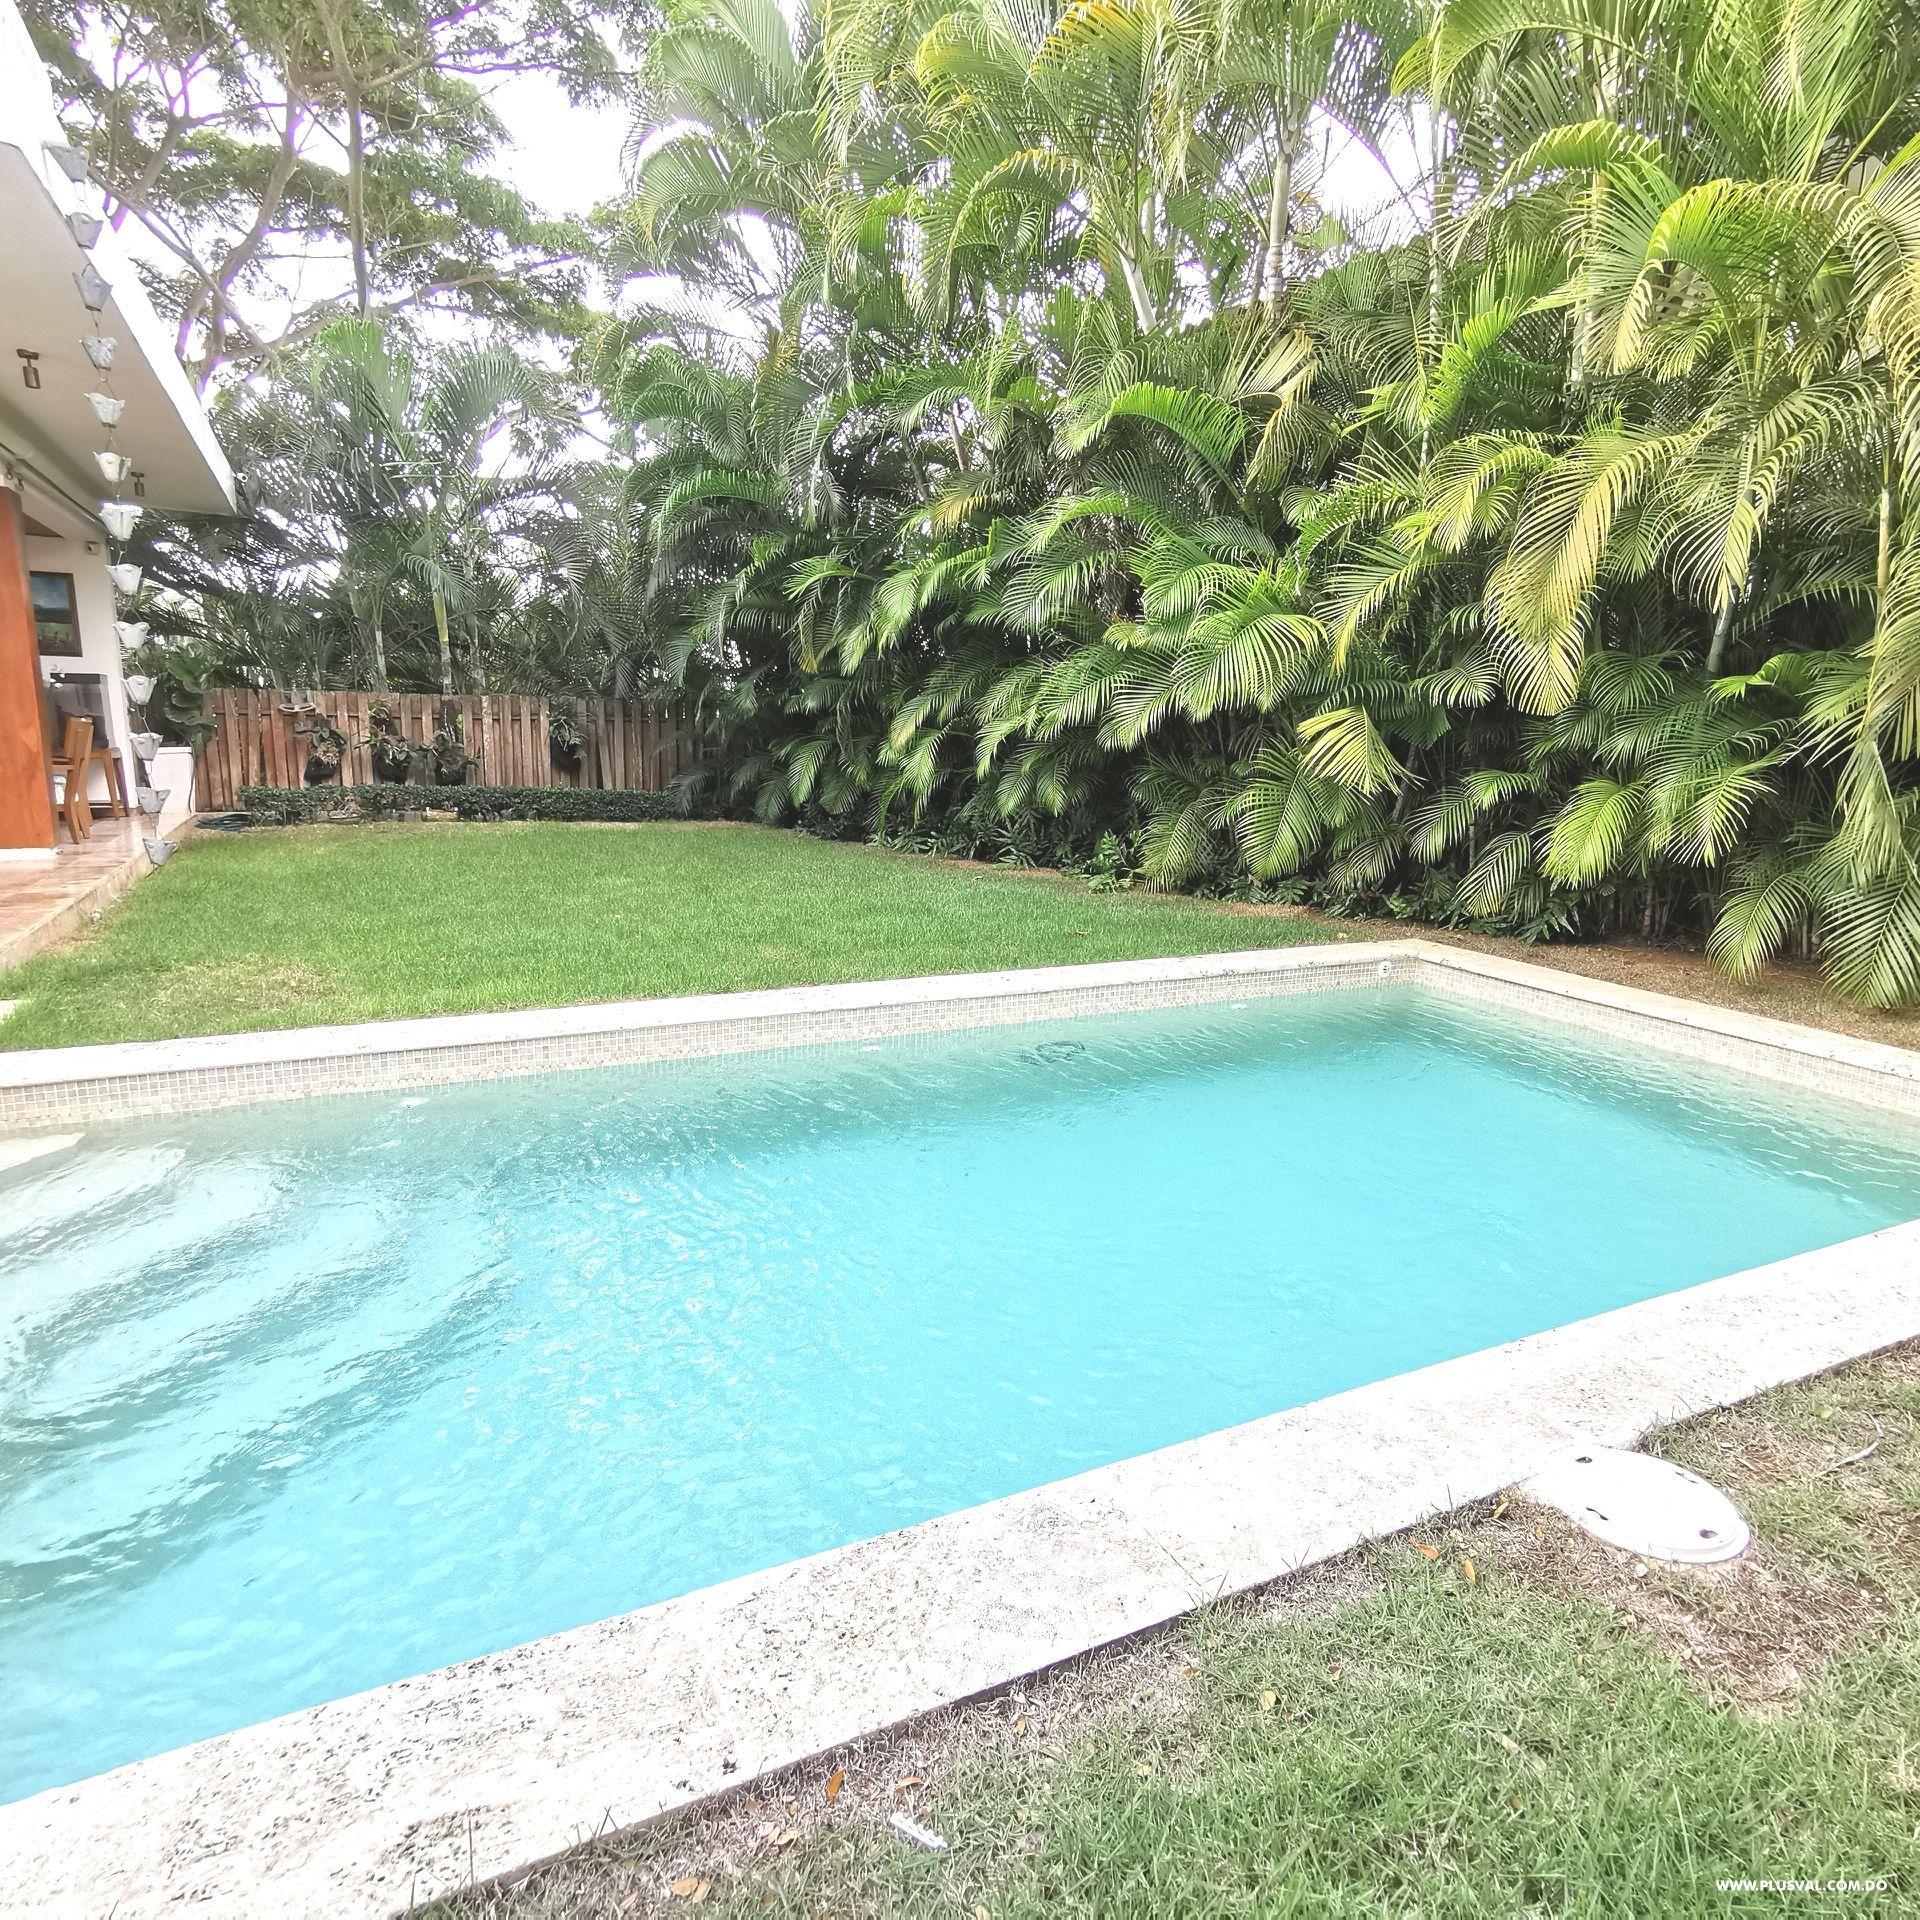 Casa en venta en Isabel Villas, Cuesta Hermosa III